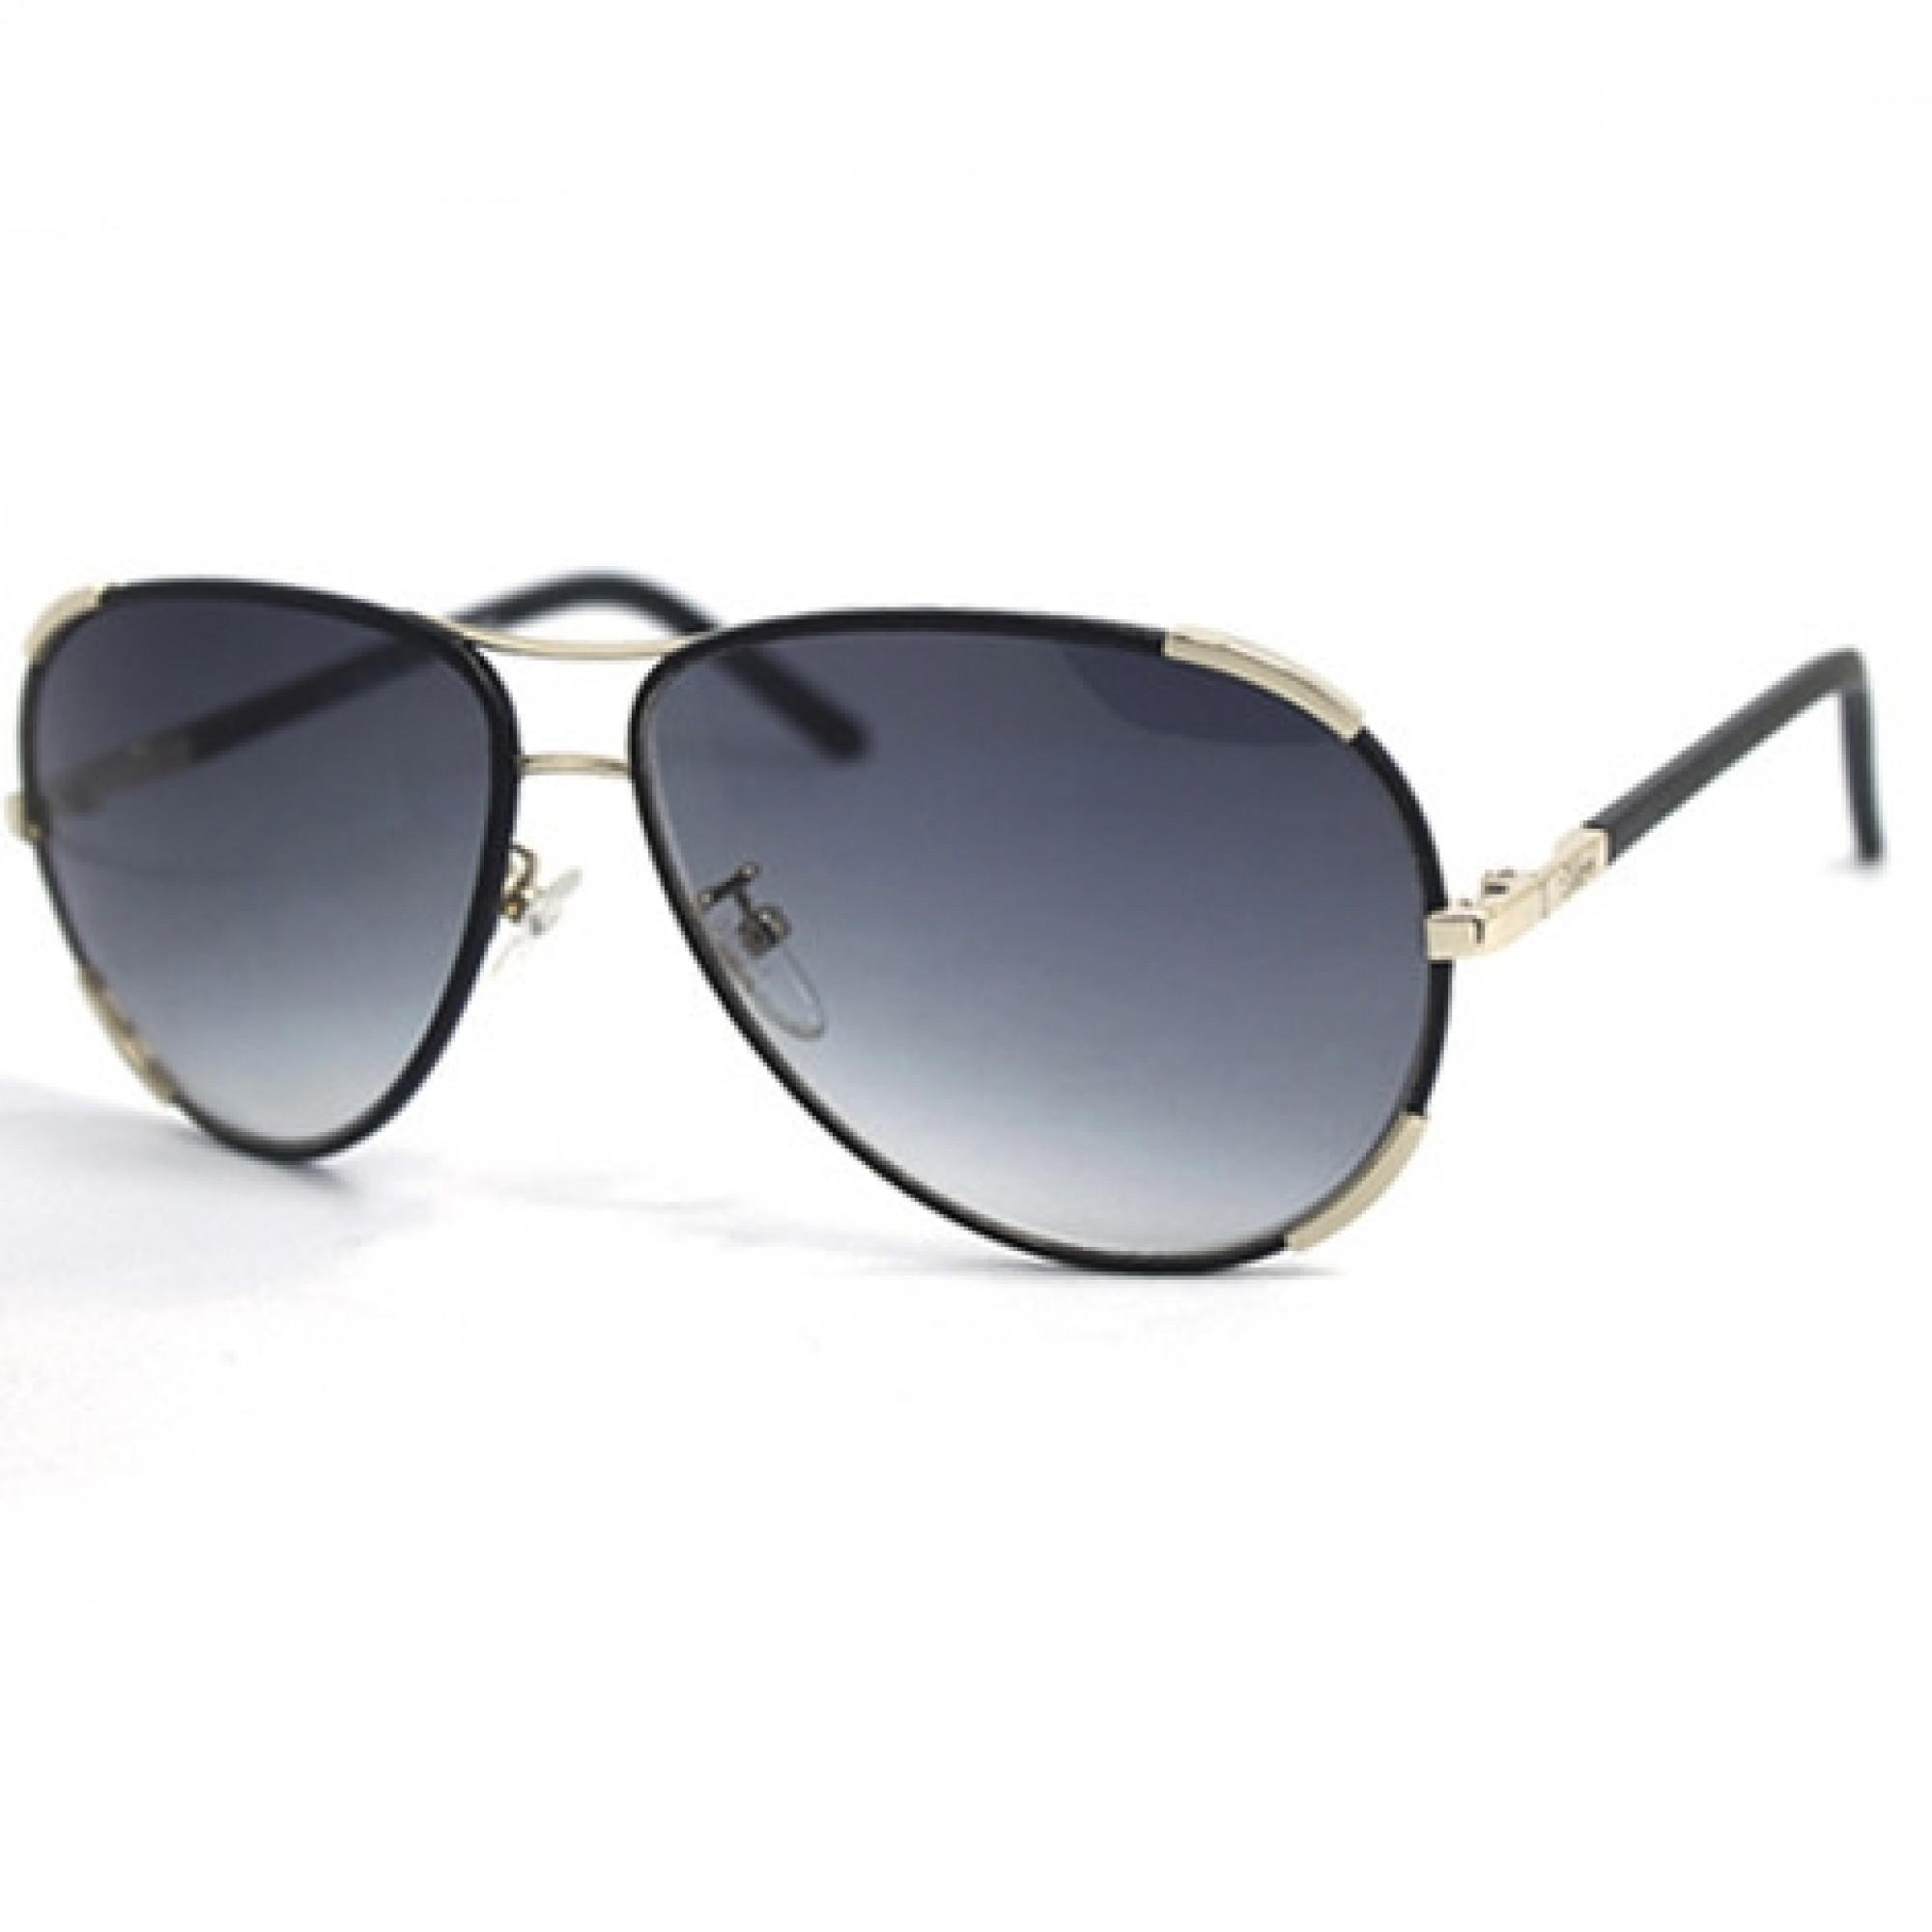 ce92869bdd98 Купить солнцезащитные очки Chloe — в Киеве, код товара 14075